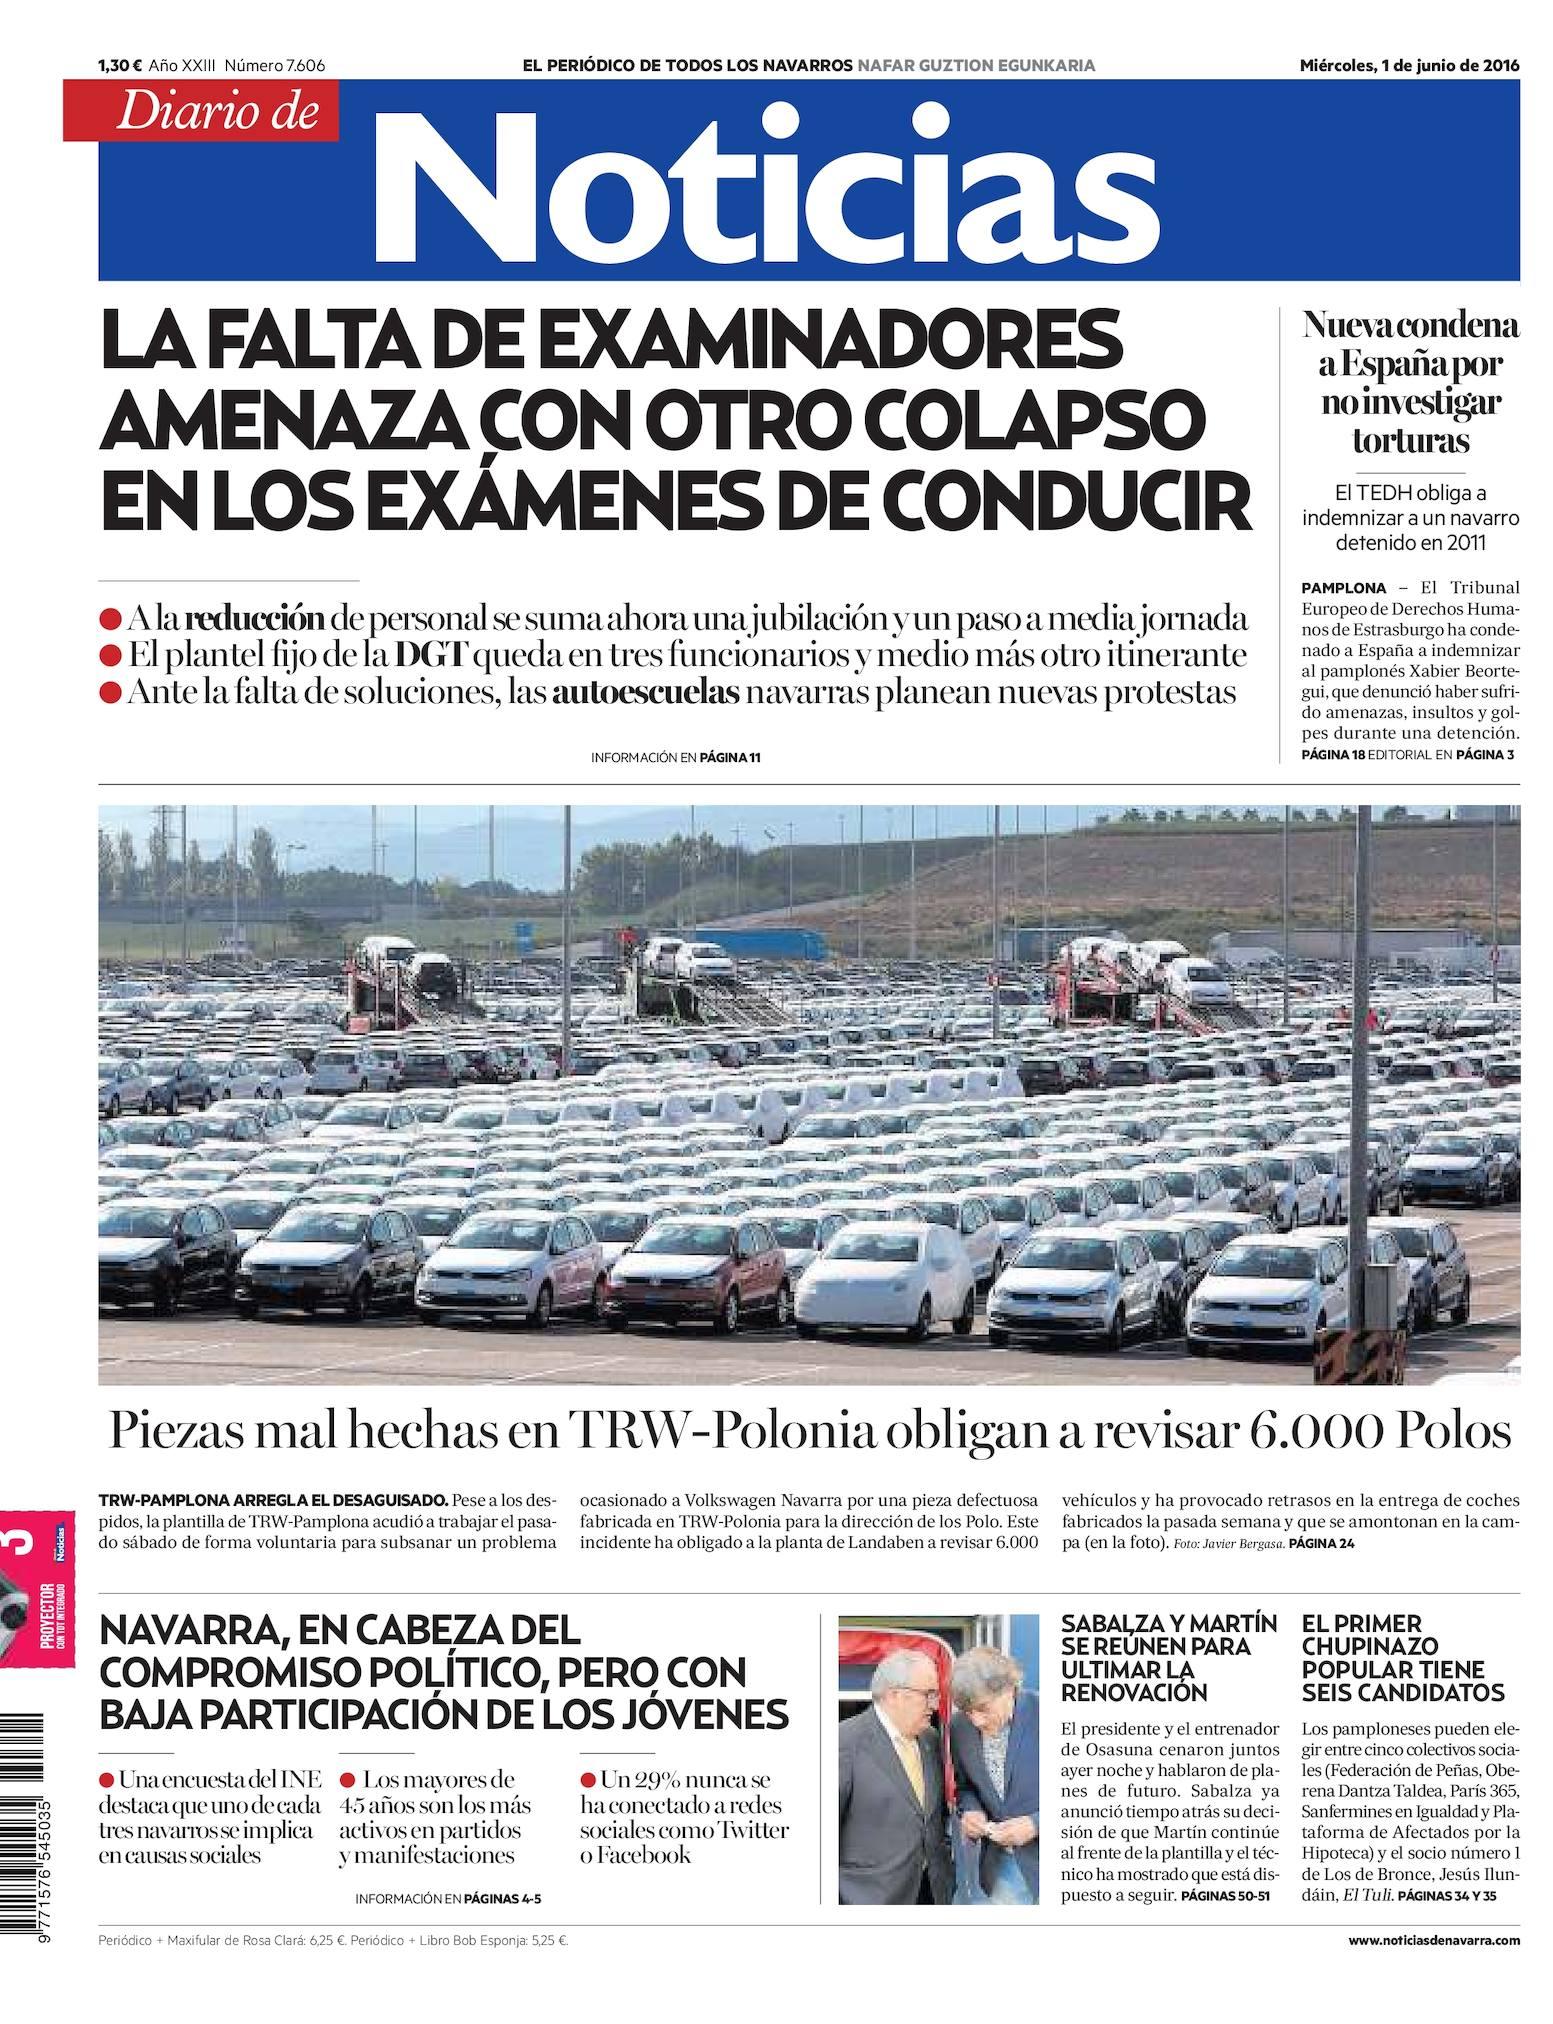 Alexa Fede Y La Cornuda Maria Se Masca La Tragedia calaméo - diario de noticias 20160601